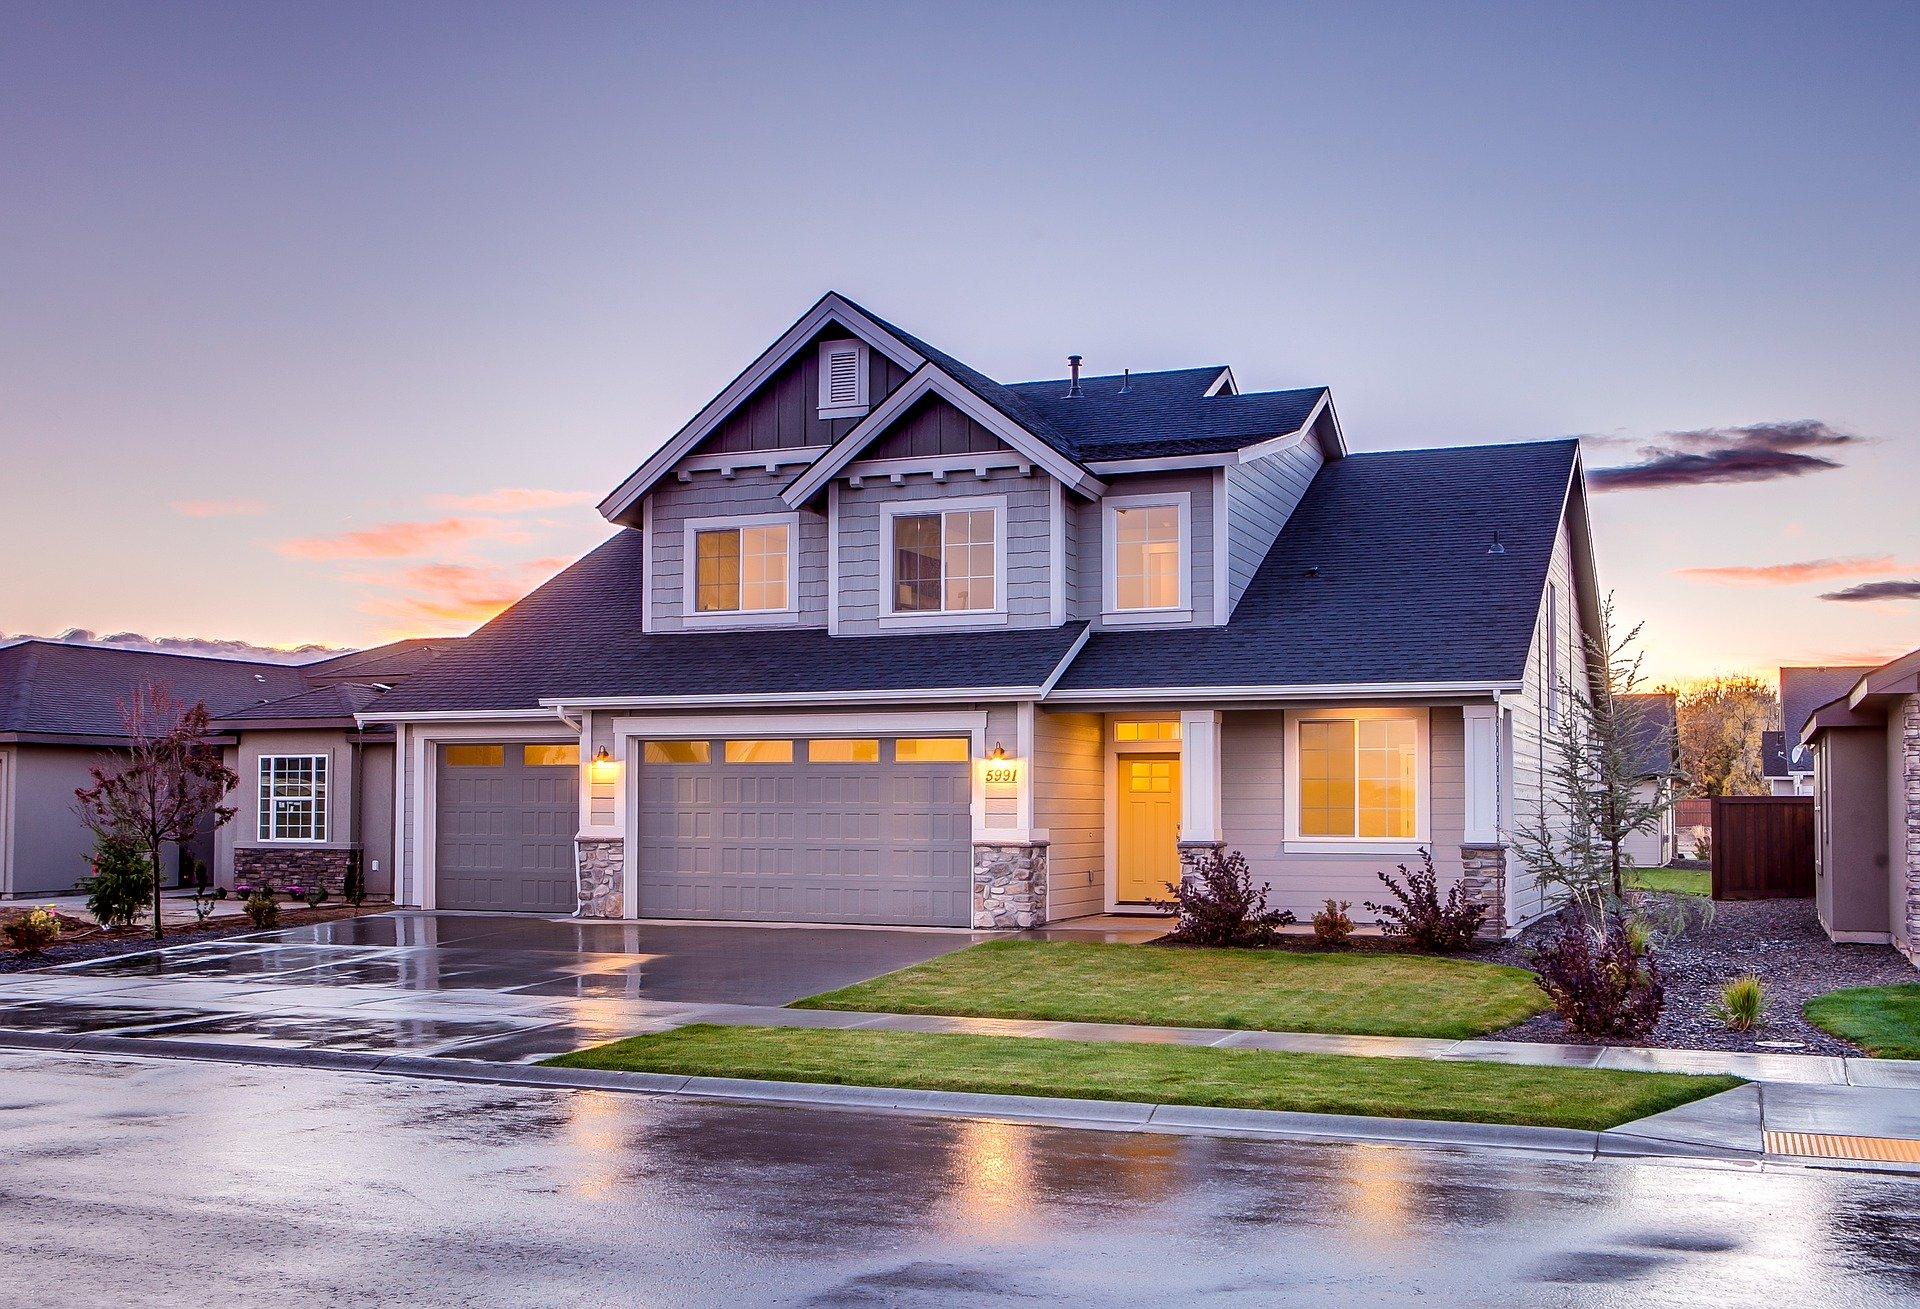 Cursos de Productos y servicios financieros en operaciones inmobiliarias